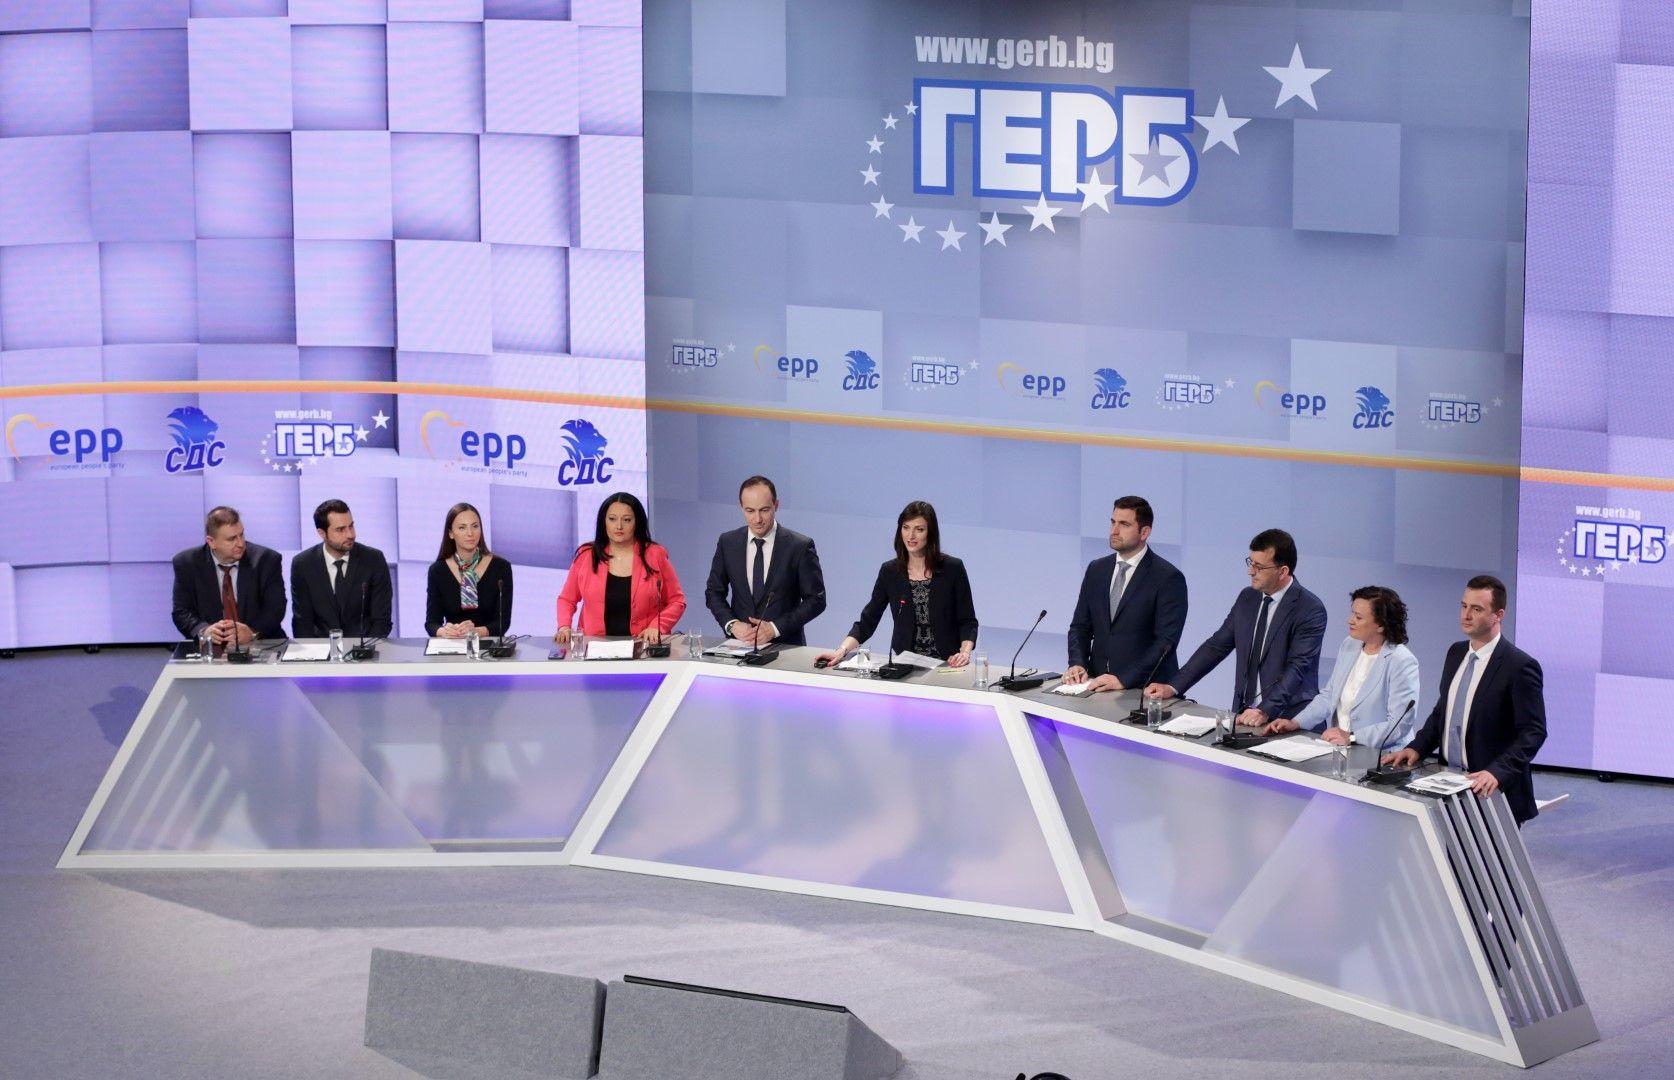 Кандидатите за евродепутати от ГЕРБ